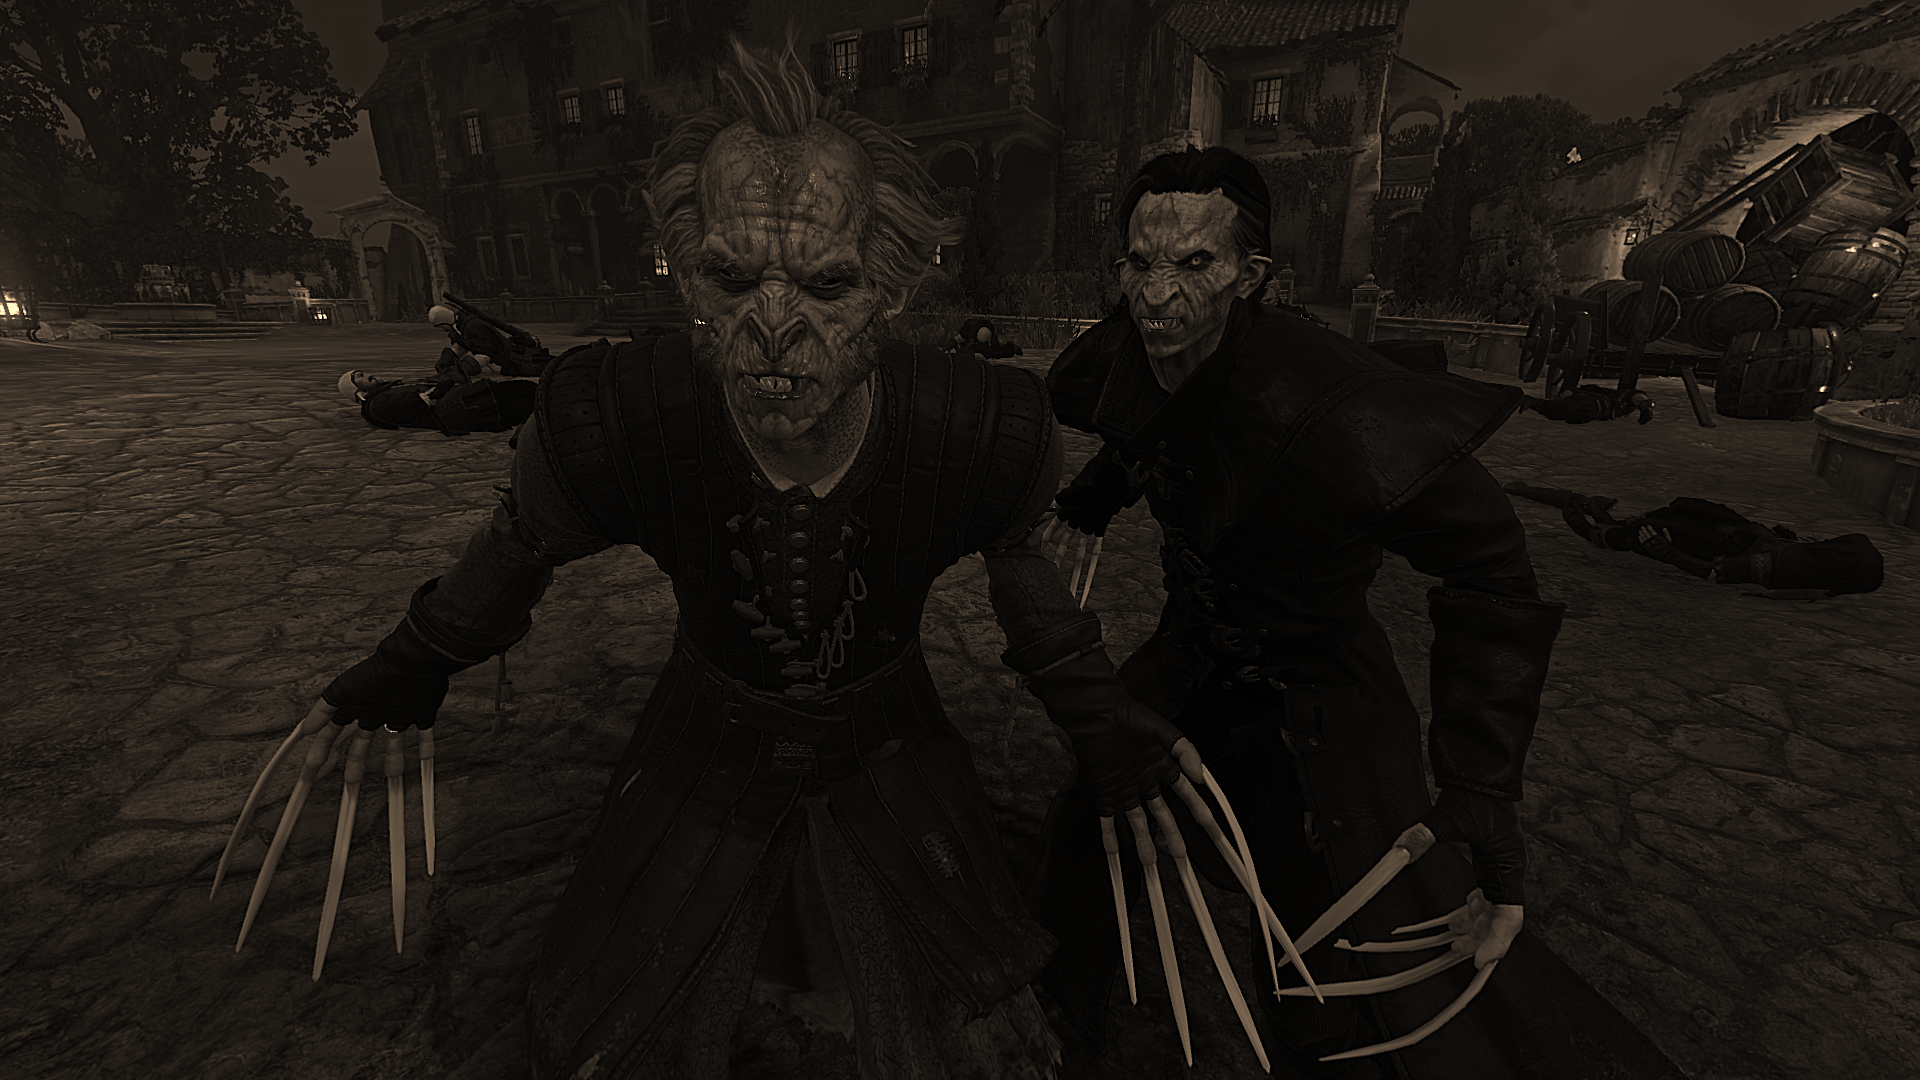 ууу - Witcher 3: Wild Hunt, the